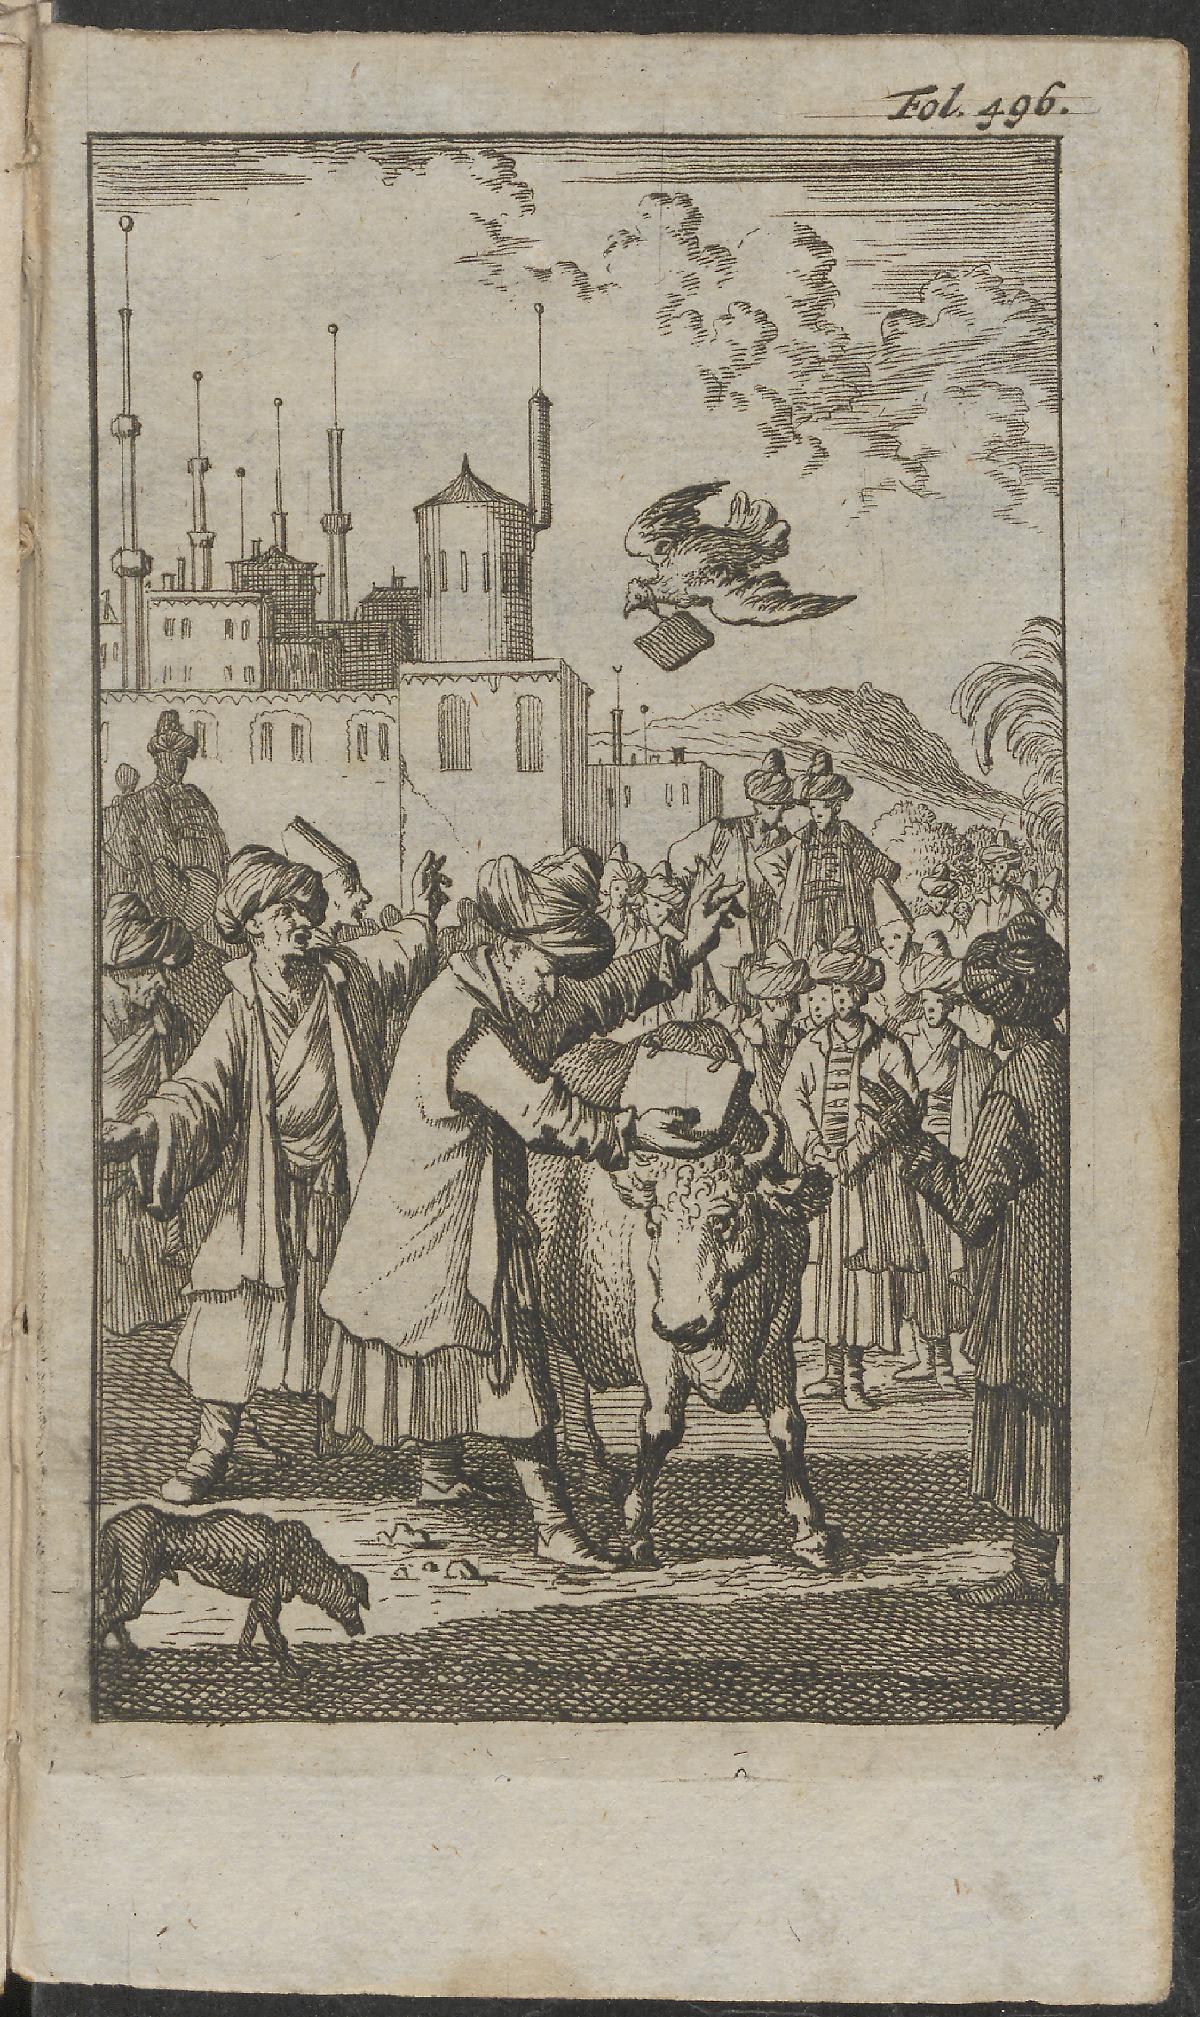 Из второго издания голландского перевода Корана Яна Хендриксом. Glazemaker, опубликованного в Амстердаме в 1696 году Тимофеем тен Хоорном